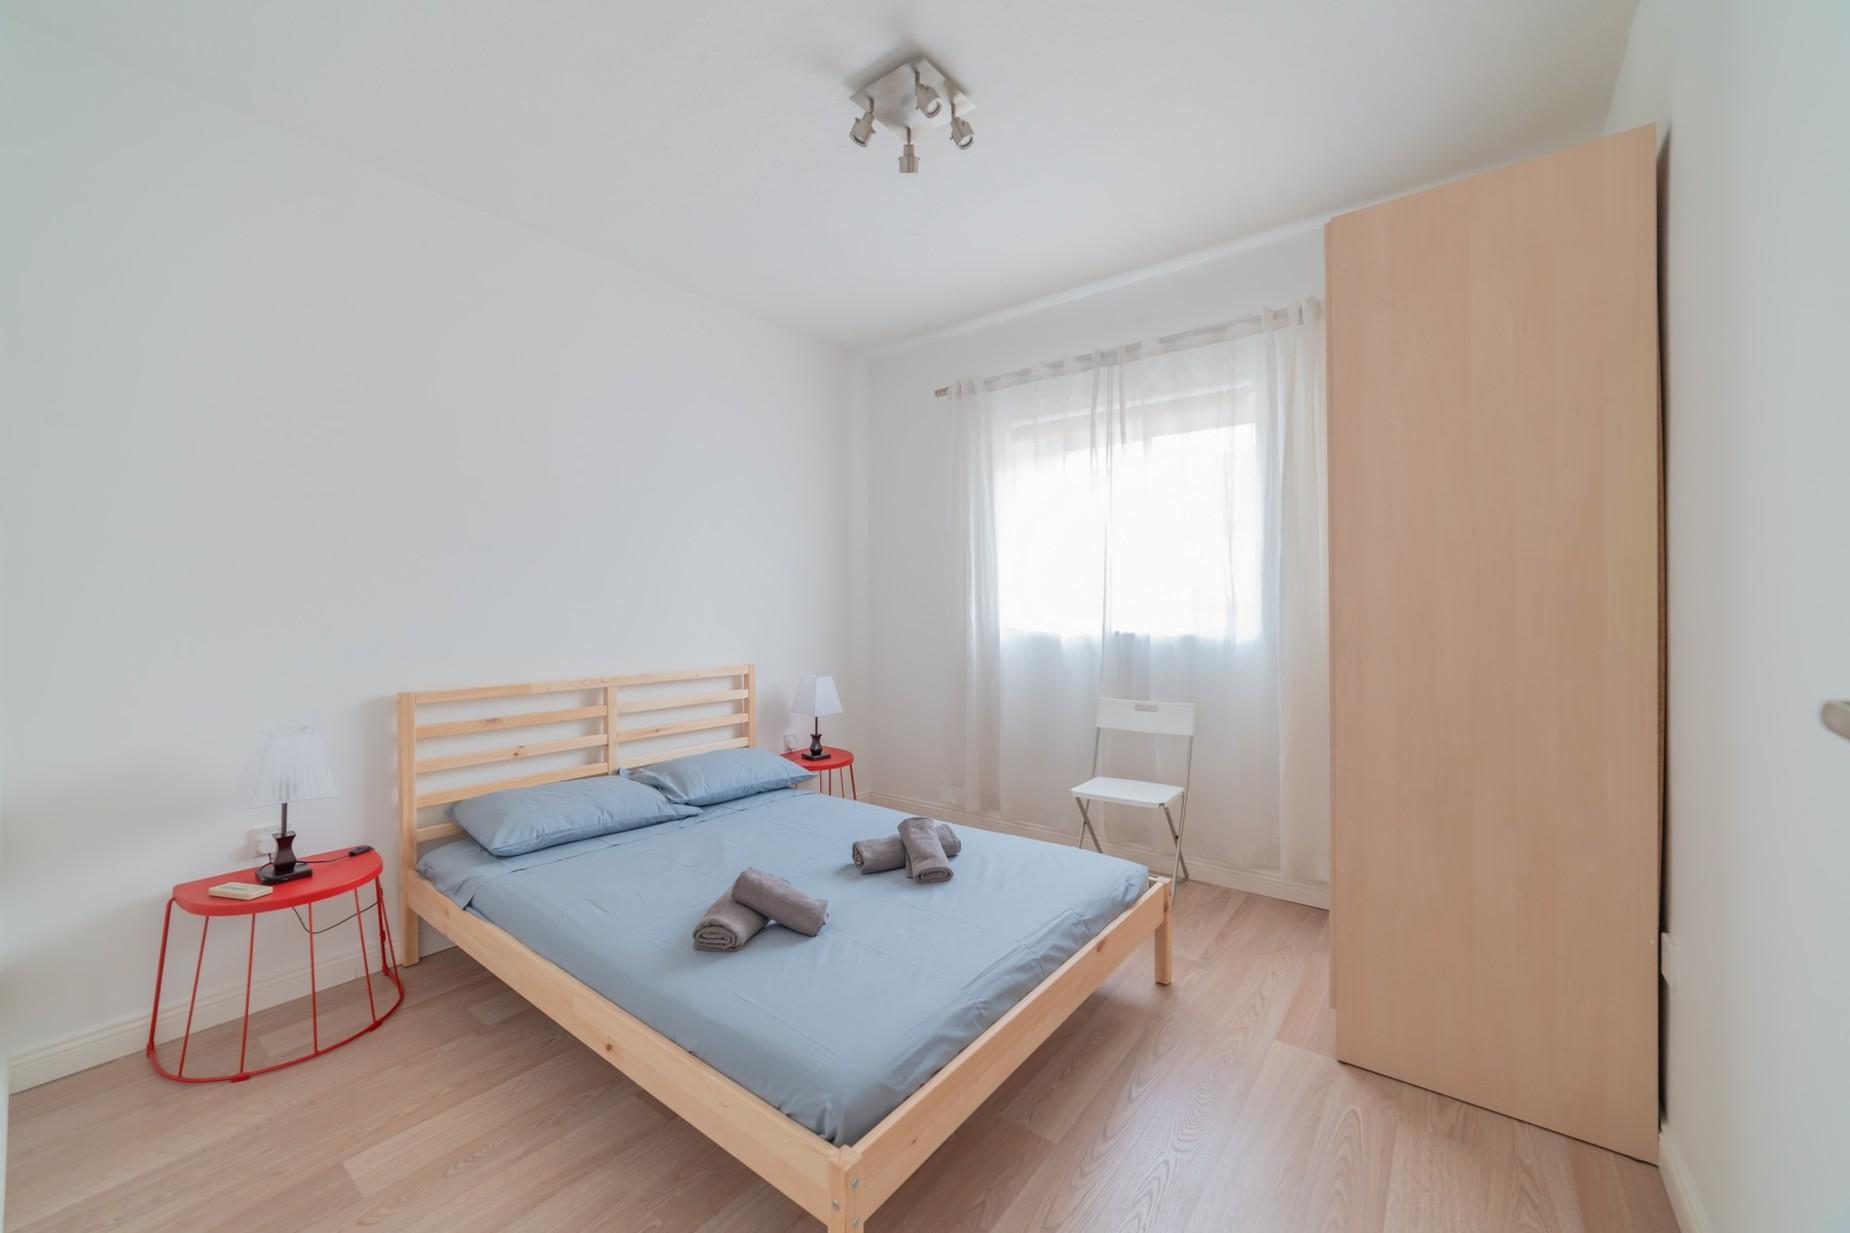 3 bed Apartment For Rent in Pieta, Pieta - thumb 13